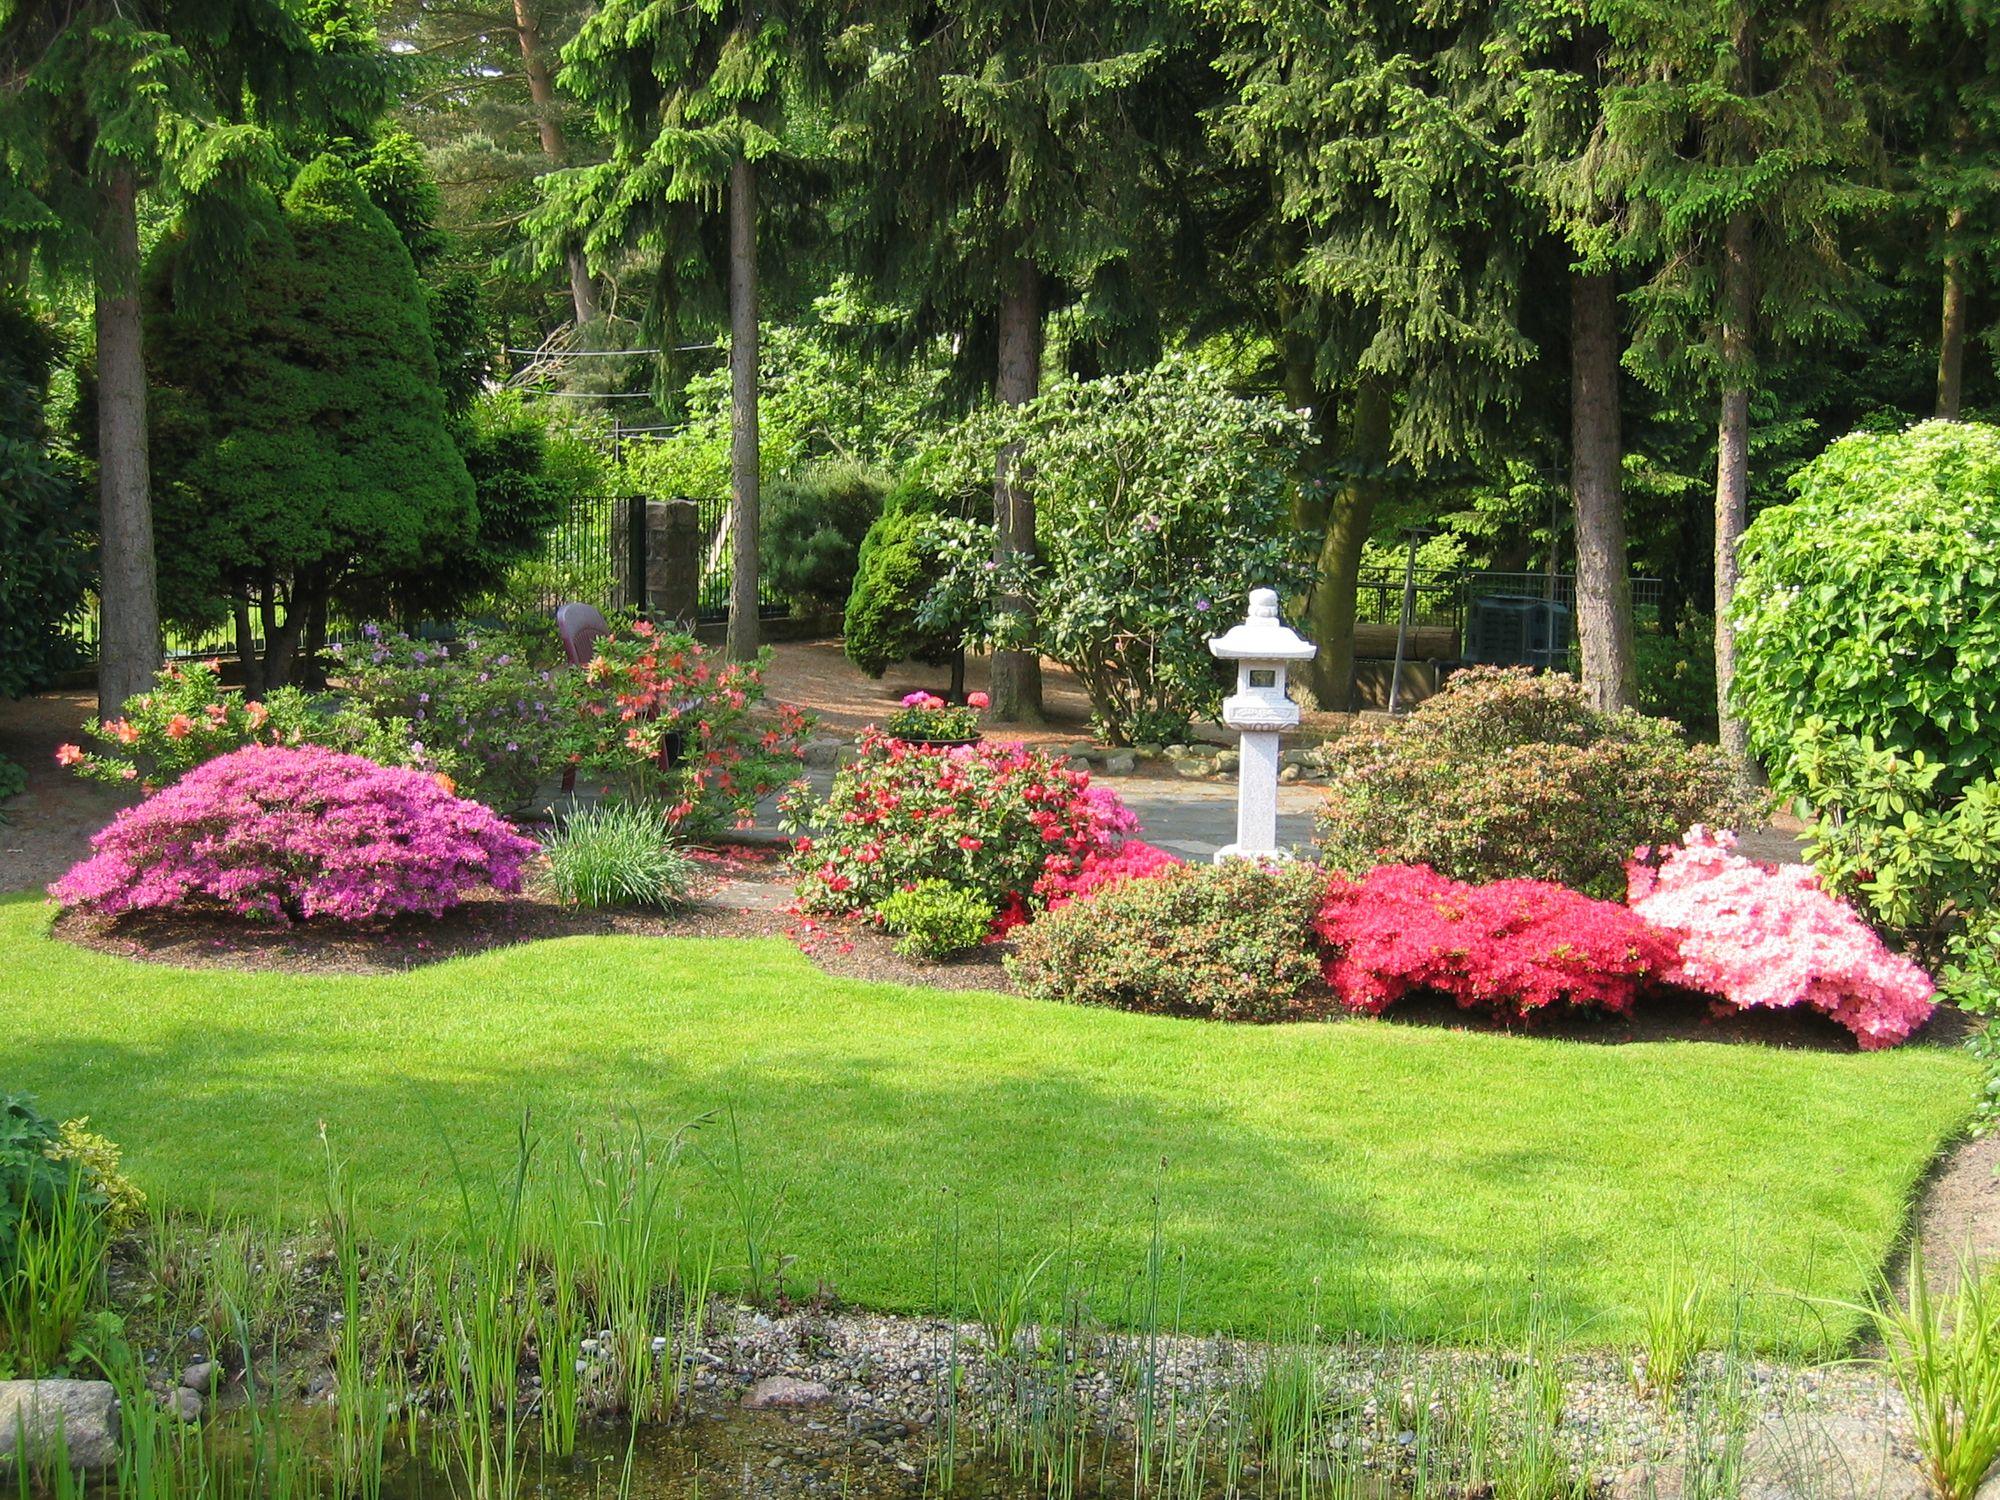 Azaleen und Rhododendron im japanischen Garten, Rhododendron Pflege - richtig pflanzen, gießen & düngen, Rasenpflege, Teichpflege